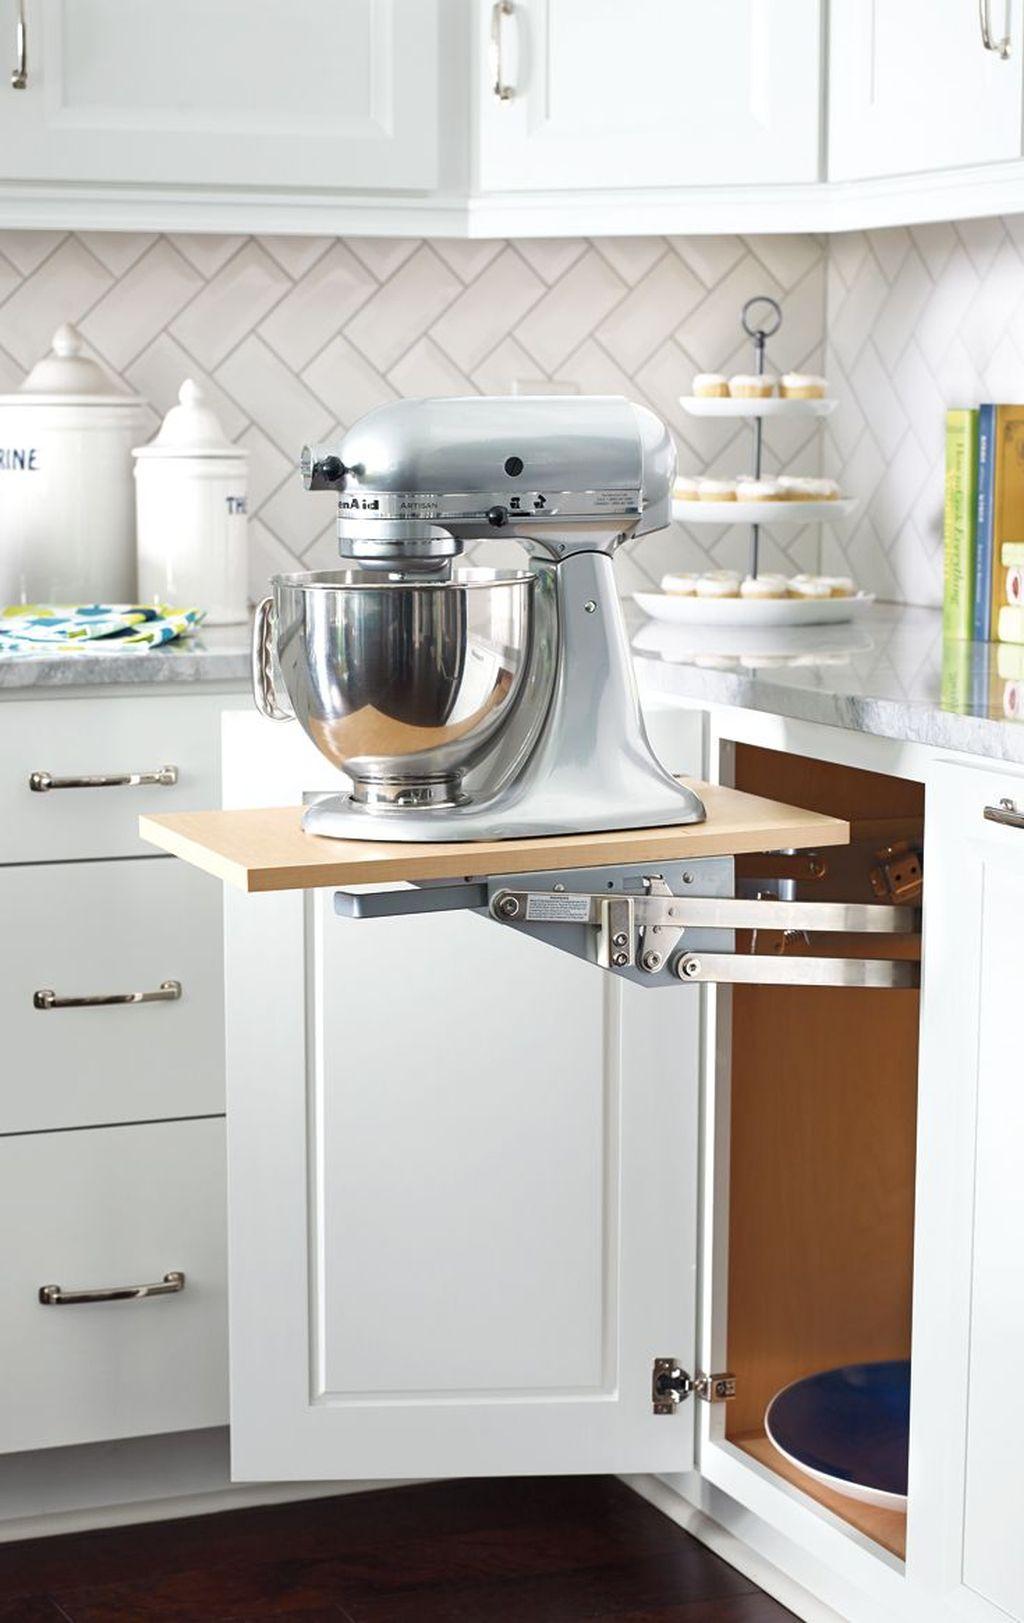 Amazing Organized Farmhouse Kitchen Decor Ideas 51